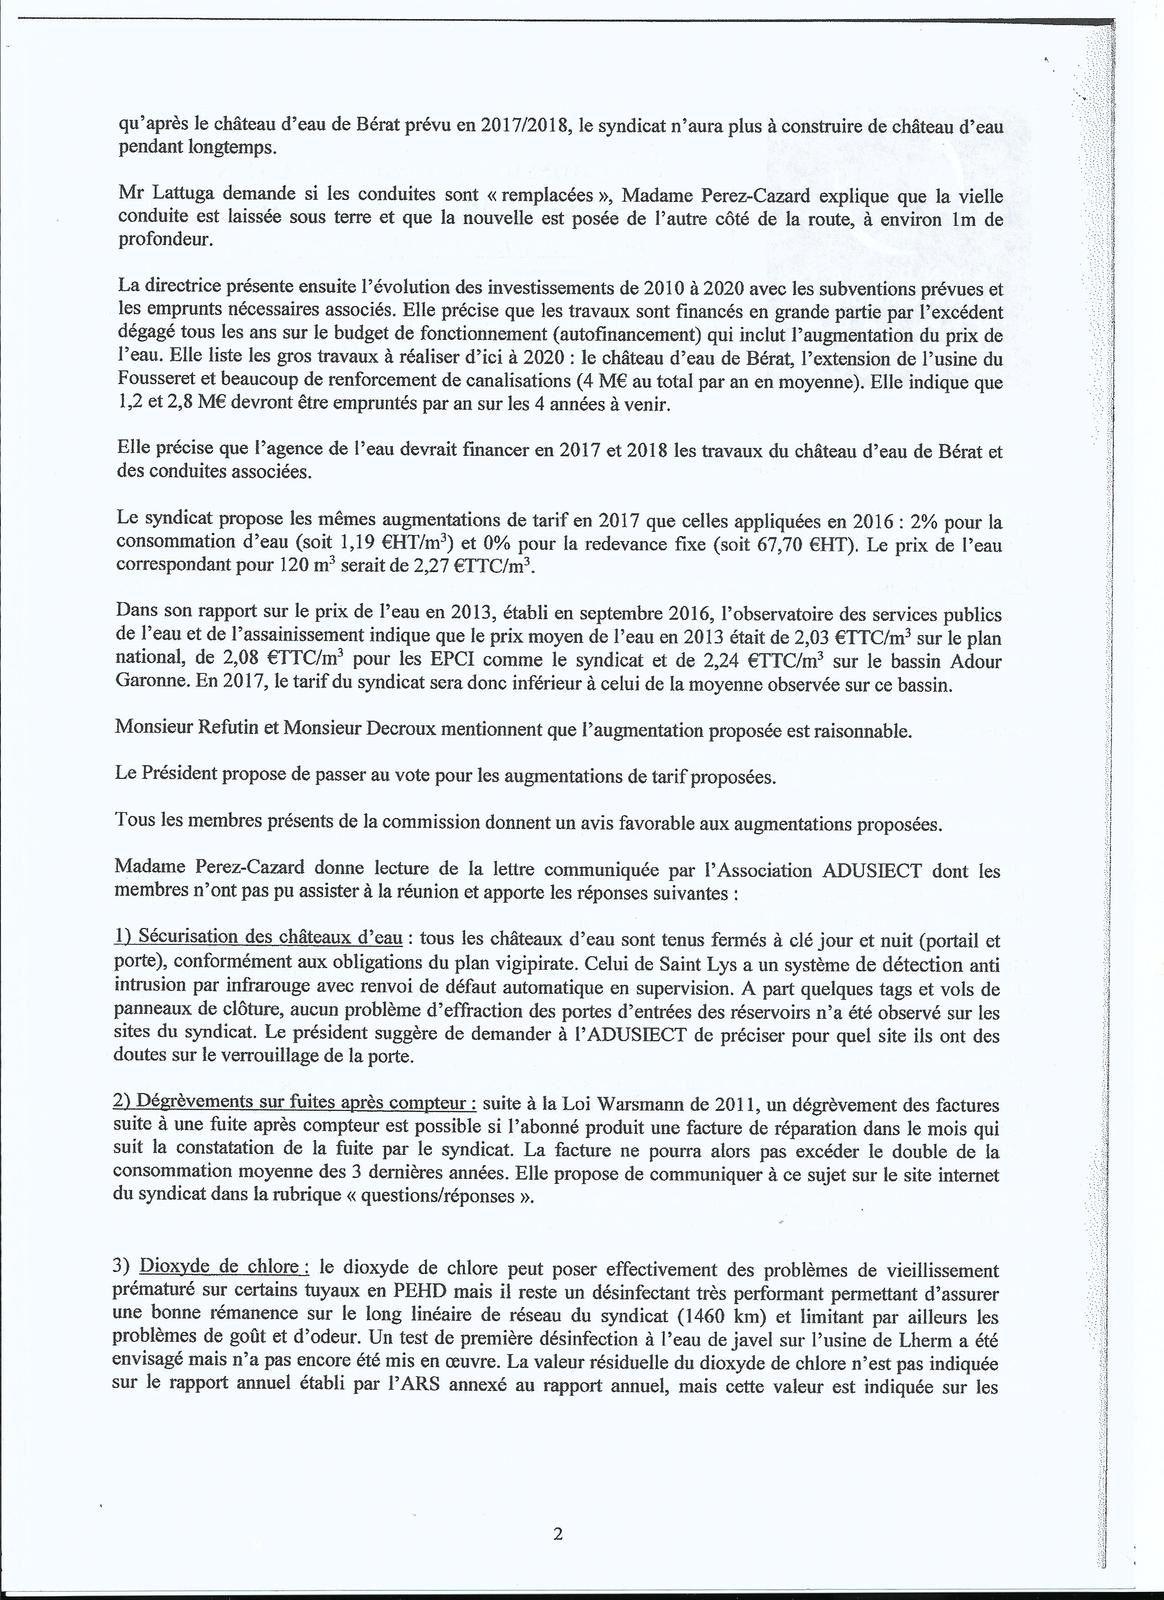 Commision du syndicat des eaux du 17 novembre 2016 : questions/réponses